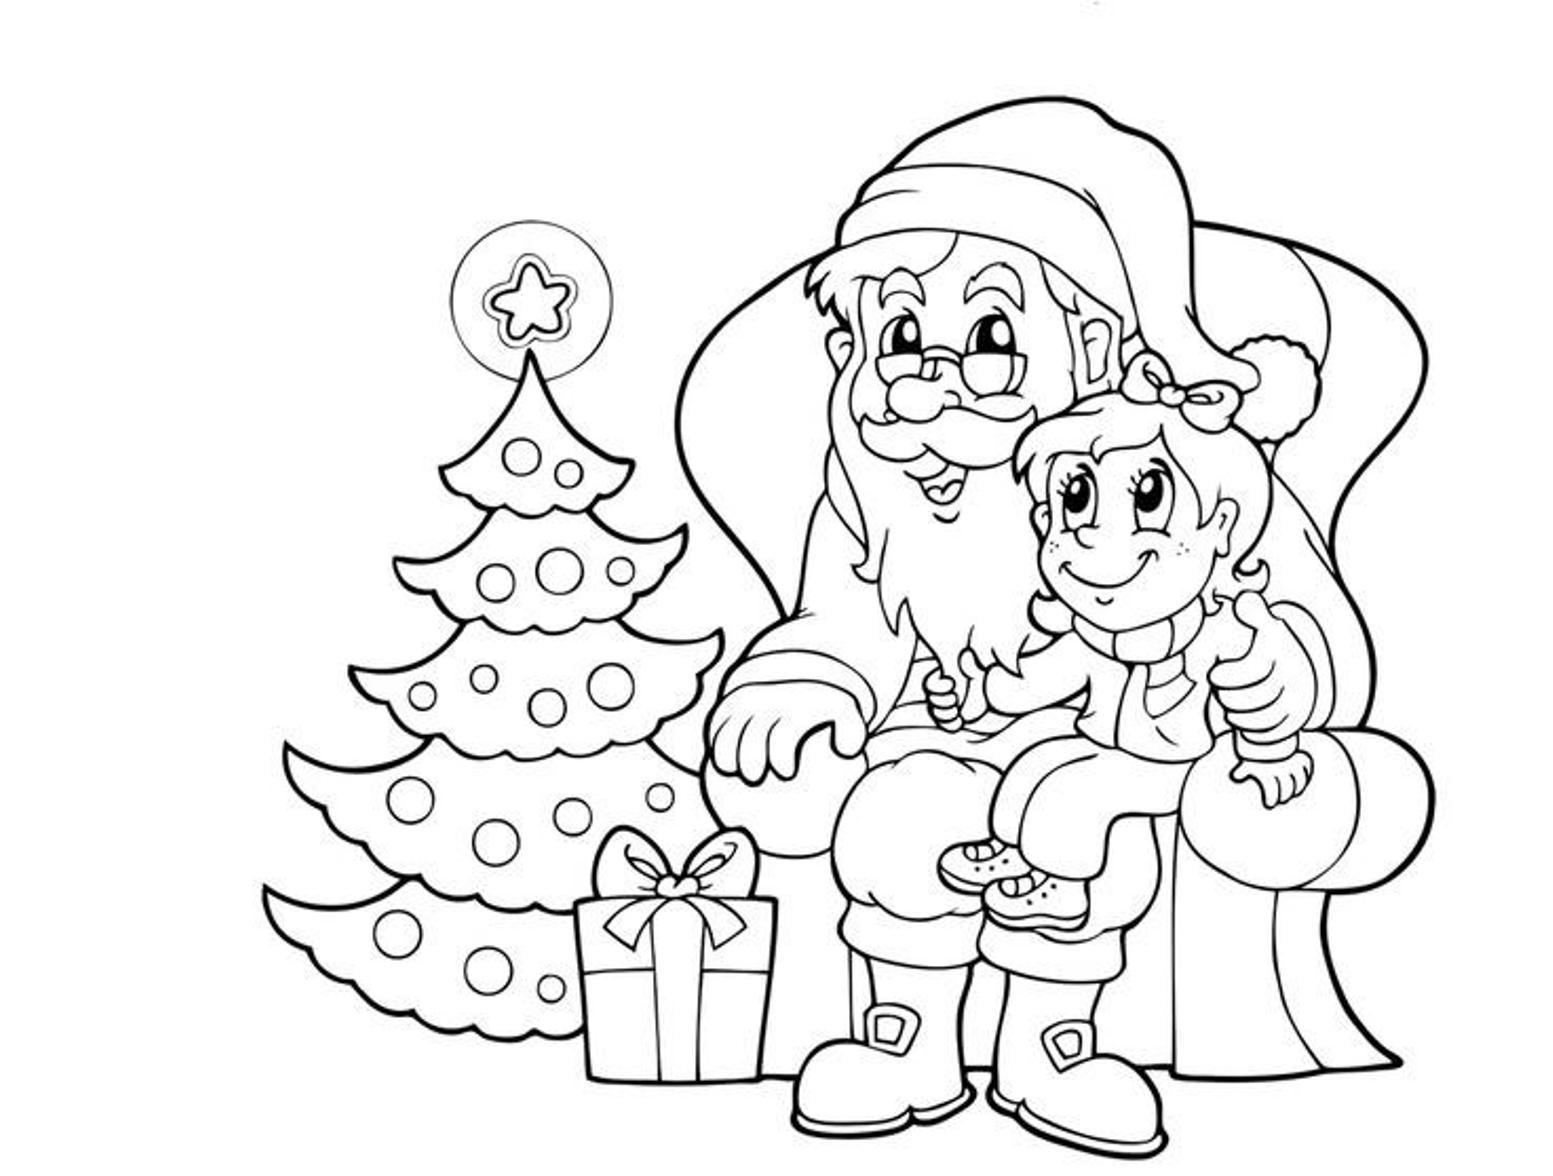 Дед мороз и девочка у елочки Раскраска зима пришла